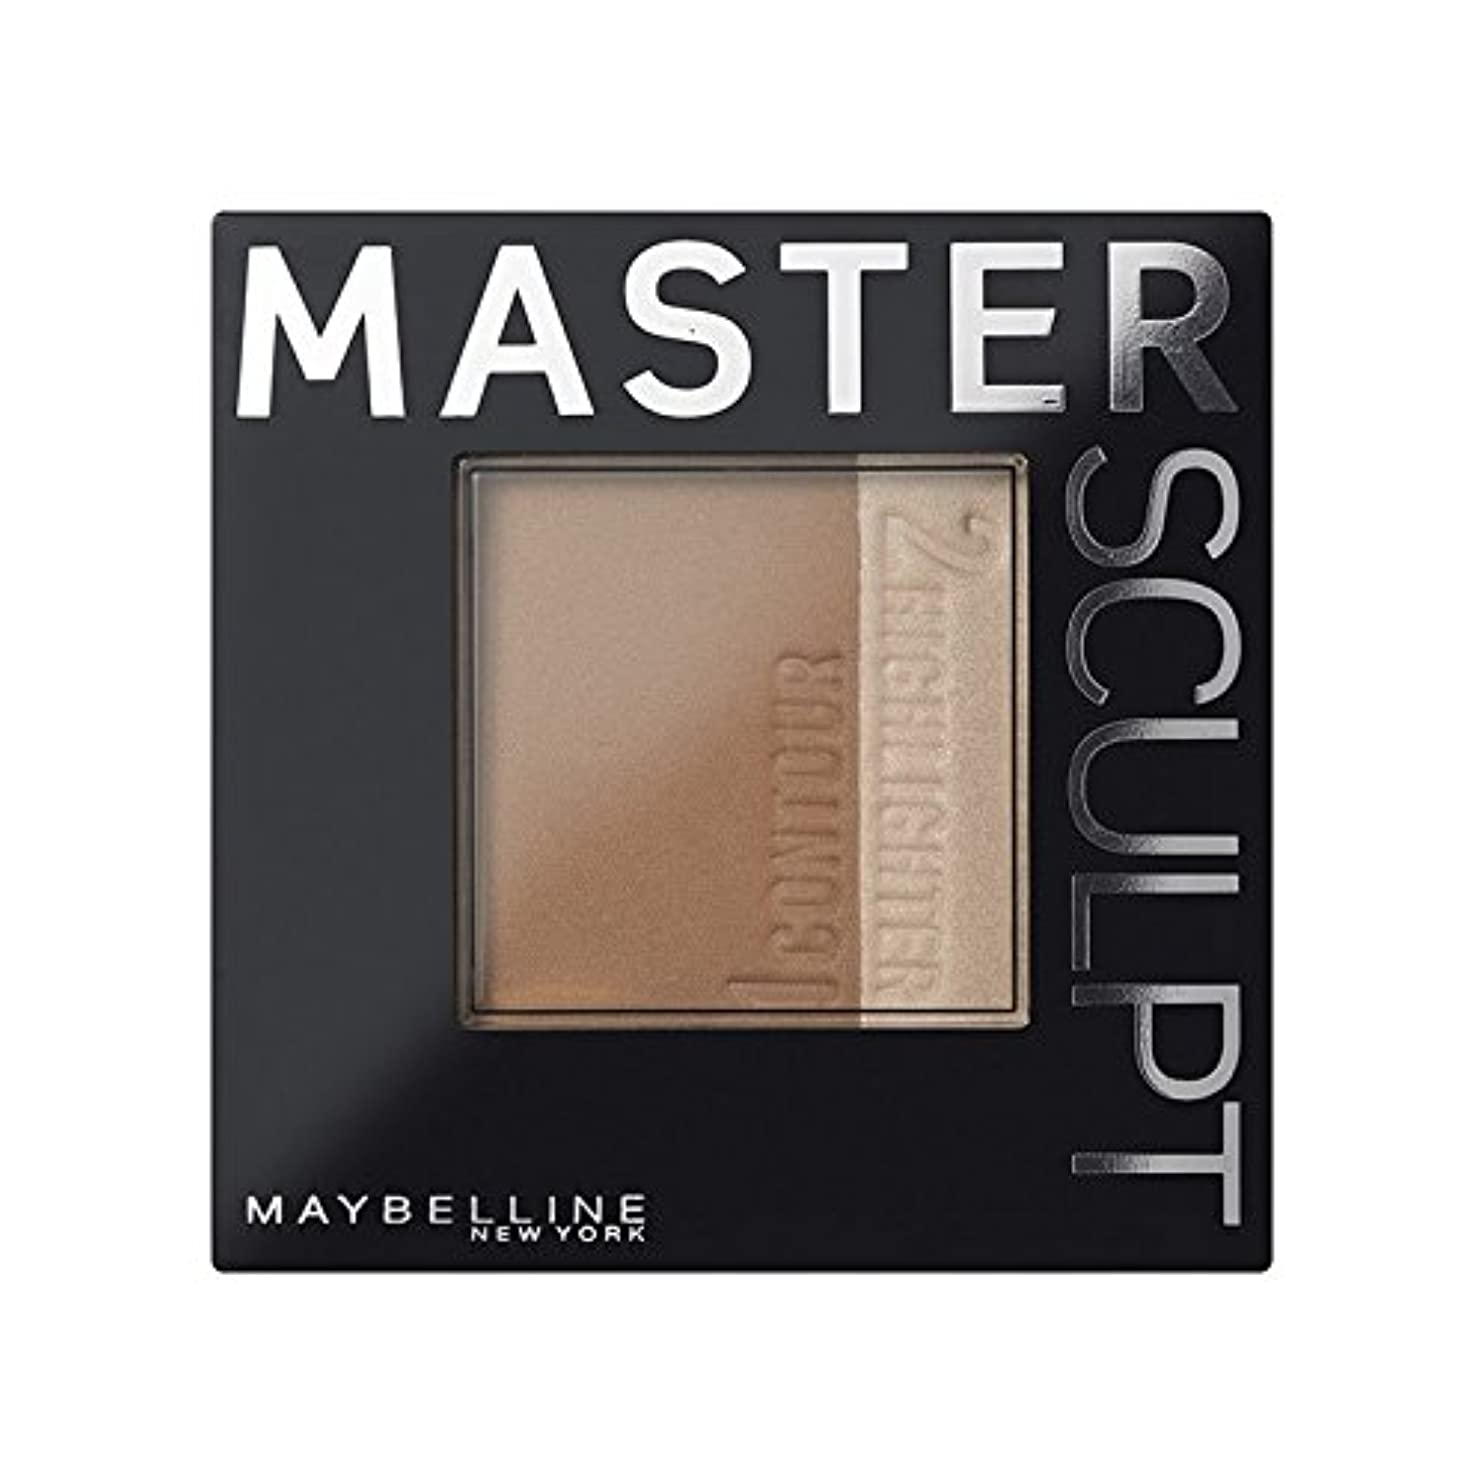 逆さまにその間療法土台01光/ を輪郭メイベリンマスタースカルプト x2 - Maybelline Master Sculpt Contouring Foundation 01 Light/Med (Pack of 2) [並行輸入品]